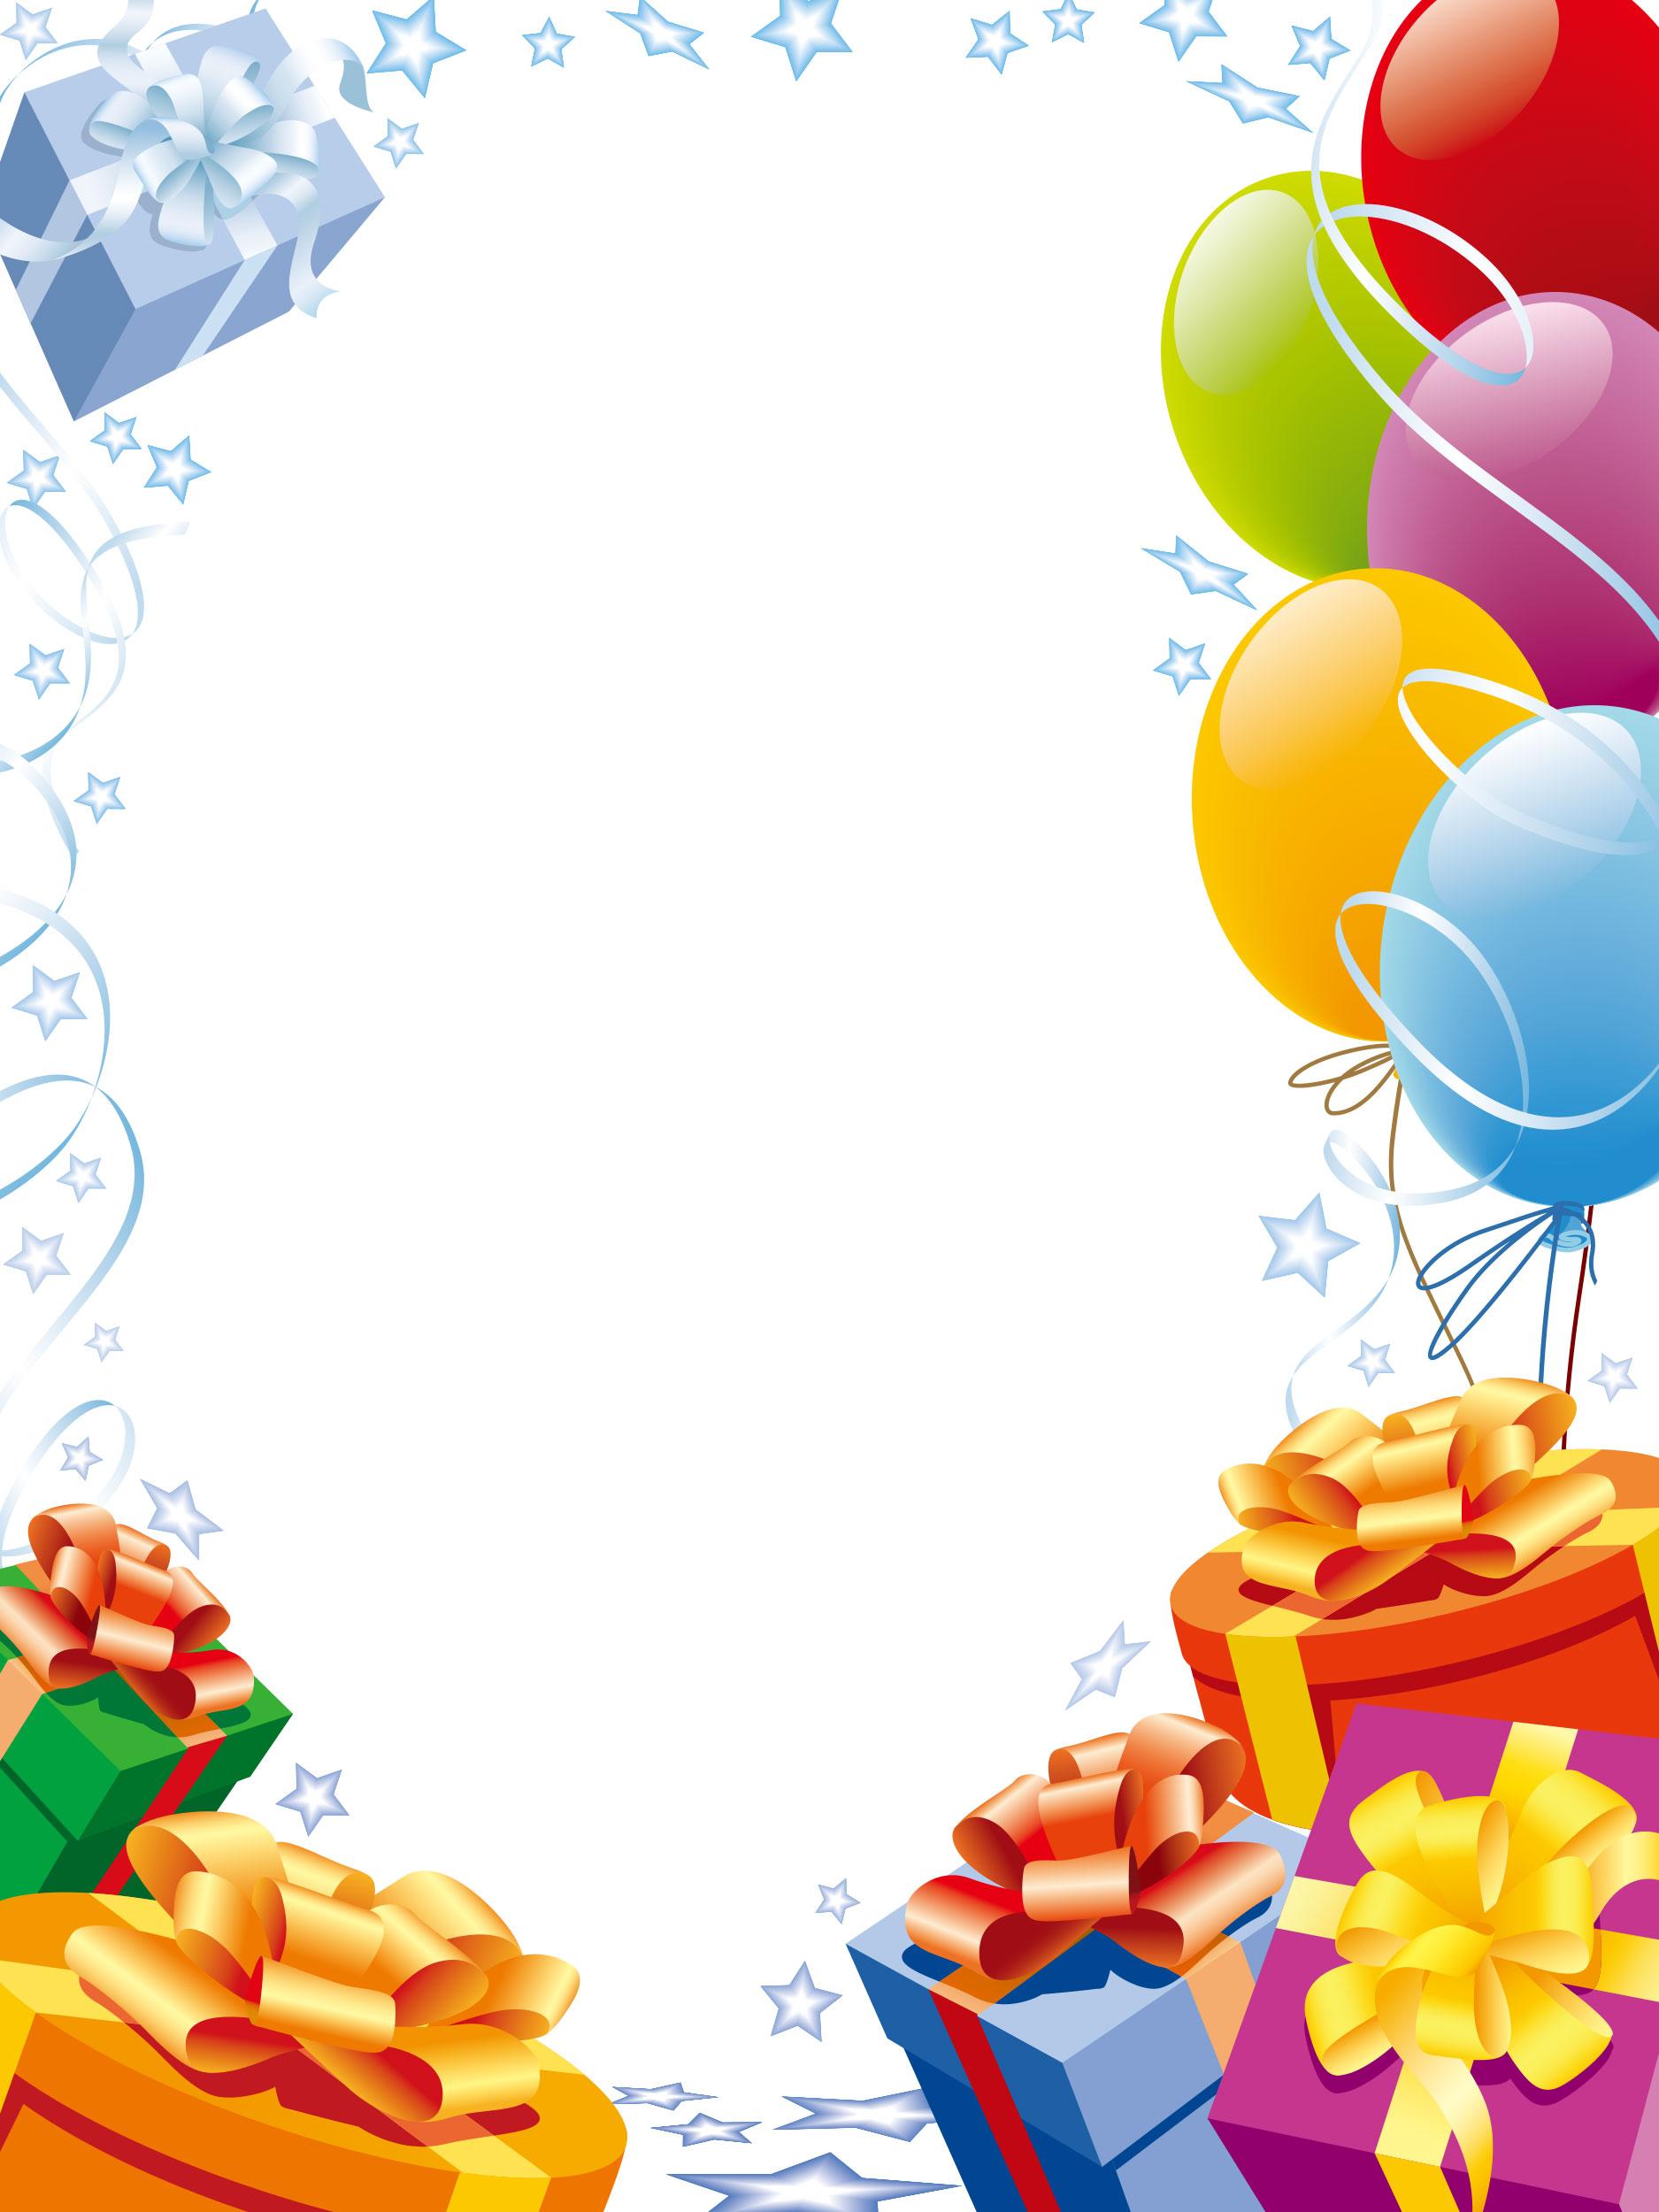 フレーム・囲い枠のイラストno 293『パーティー・誕生日』/無料のフリー素材集